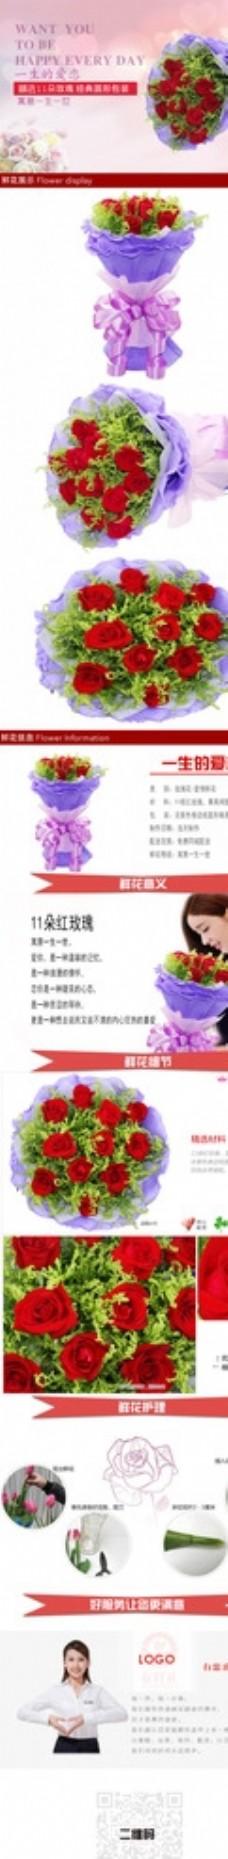 11朵玫瑰一生的爱恋详情